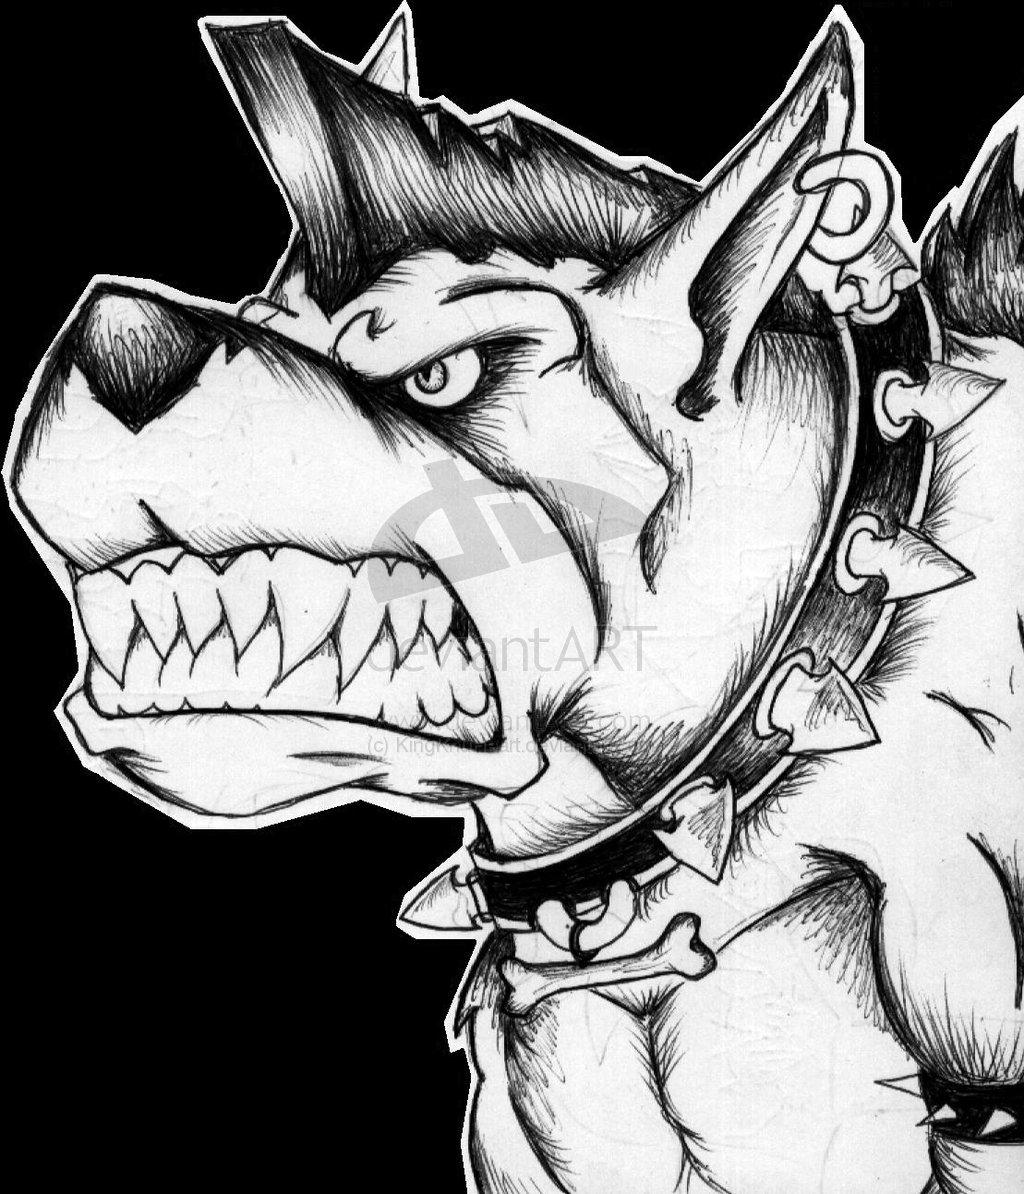 1024x1194 Drawn Pitbull